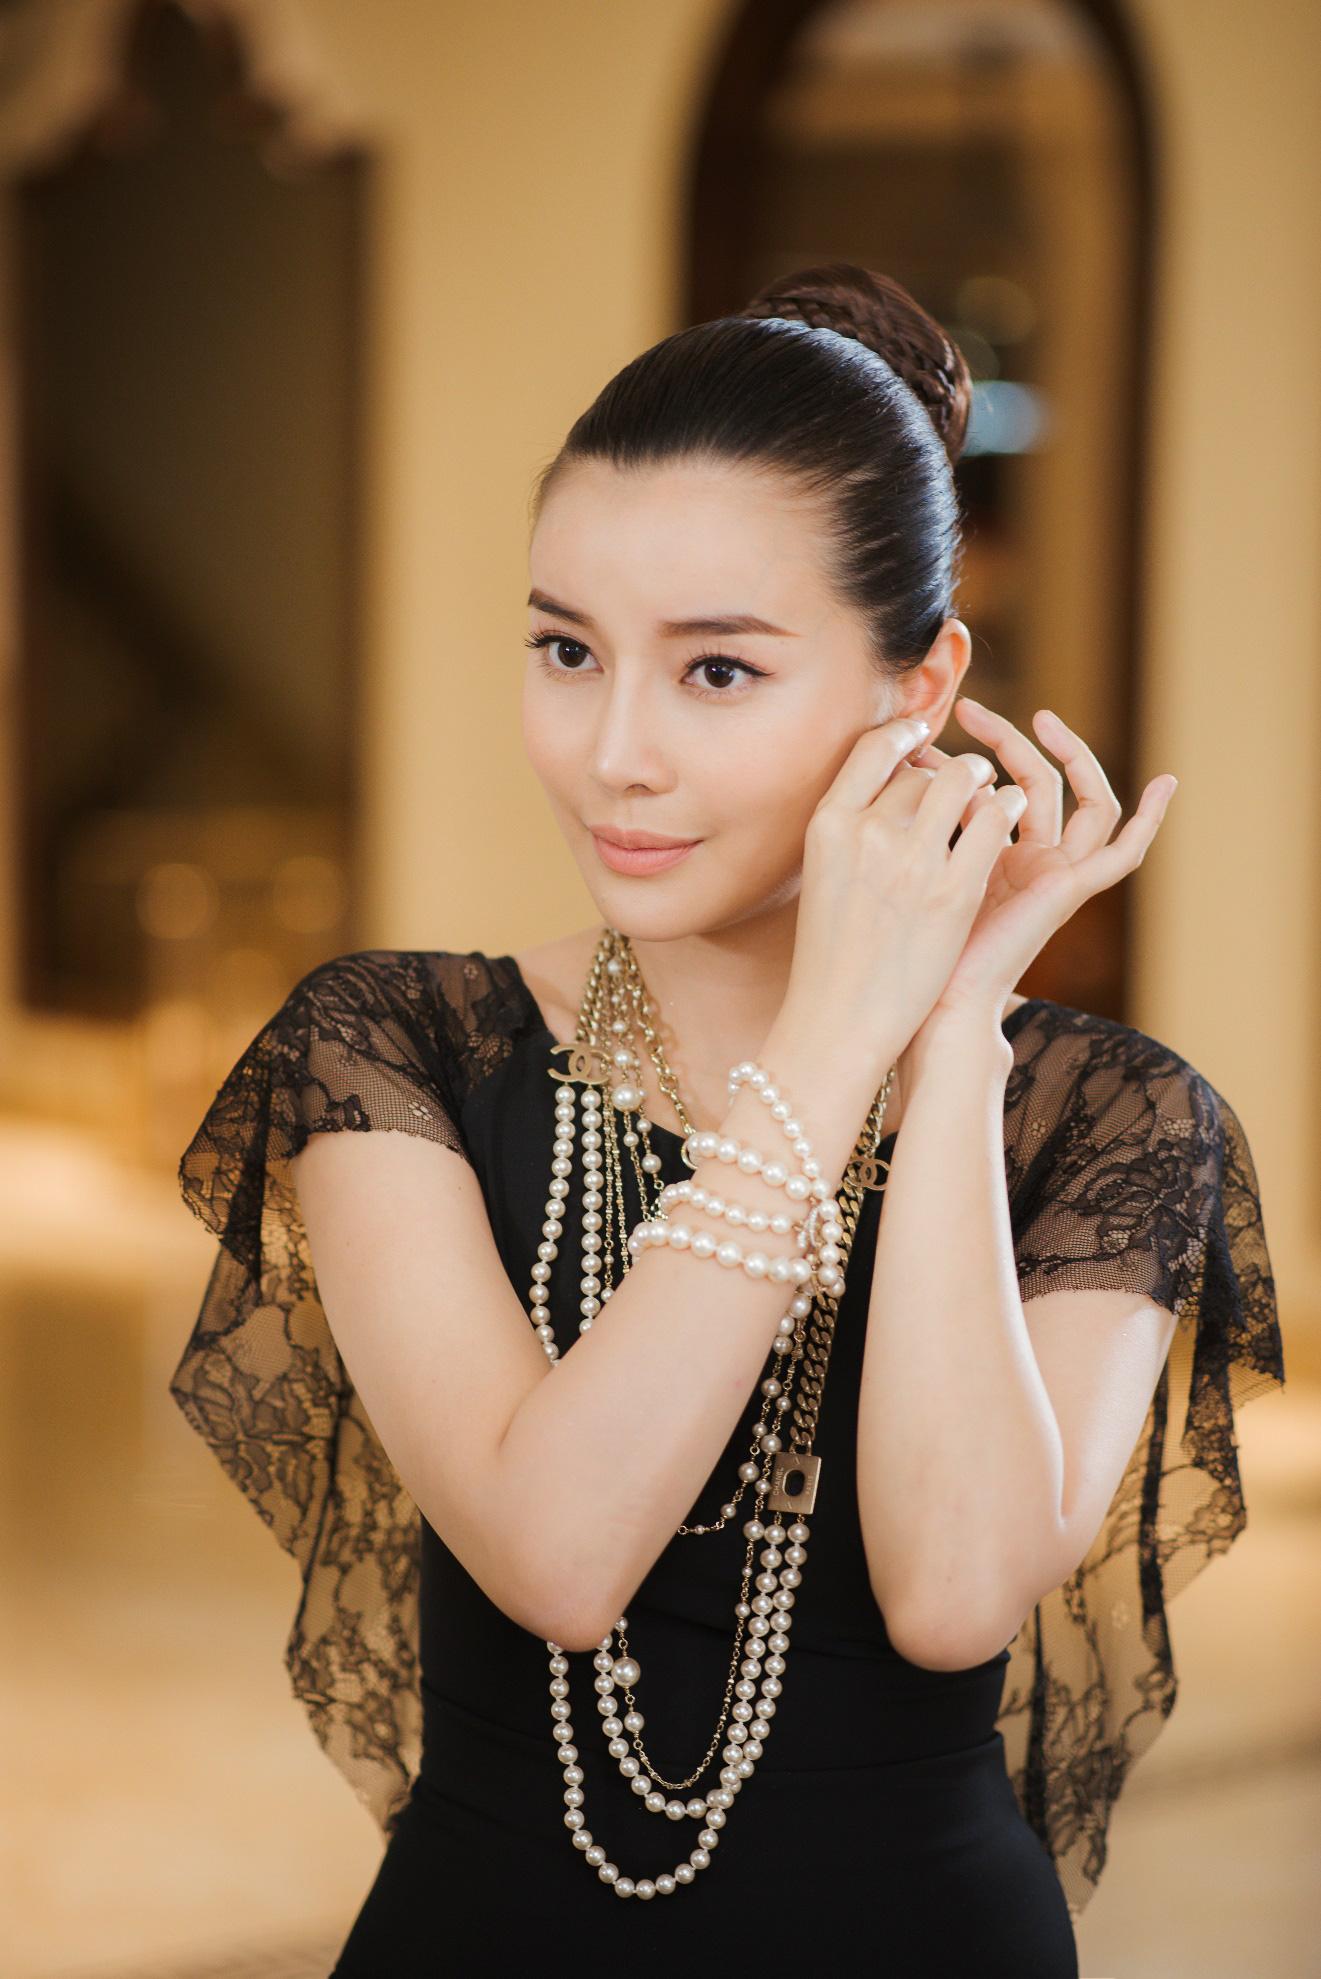 Chiêu sở hữu da mộc căng bóng của diễn viên Cao Thái Hà - Hình 1